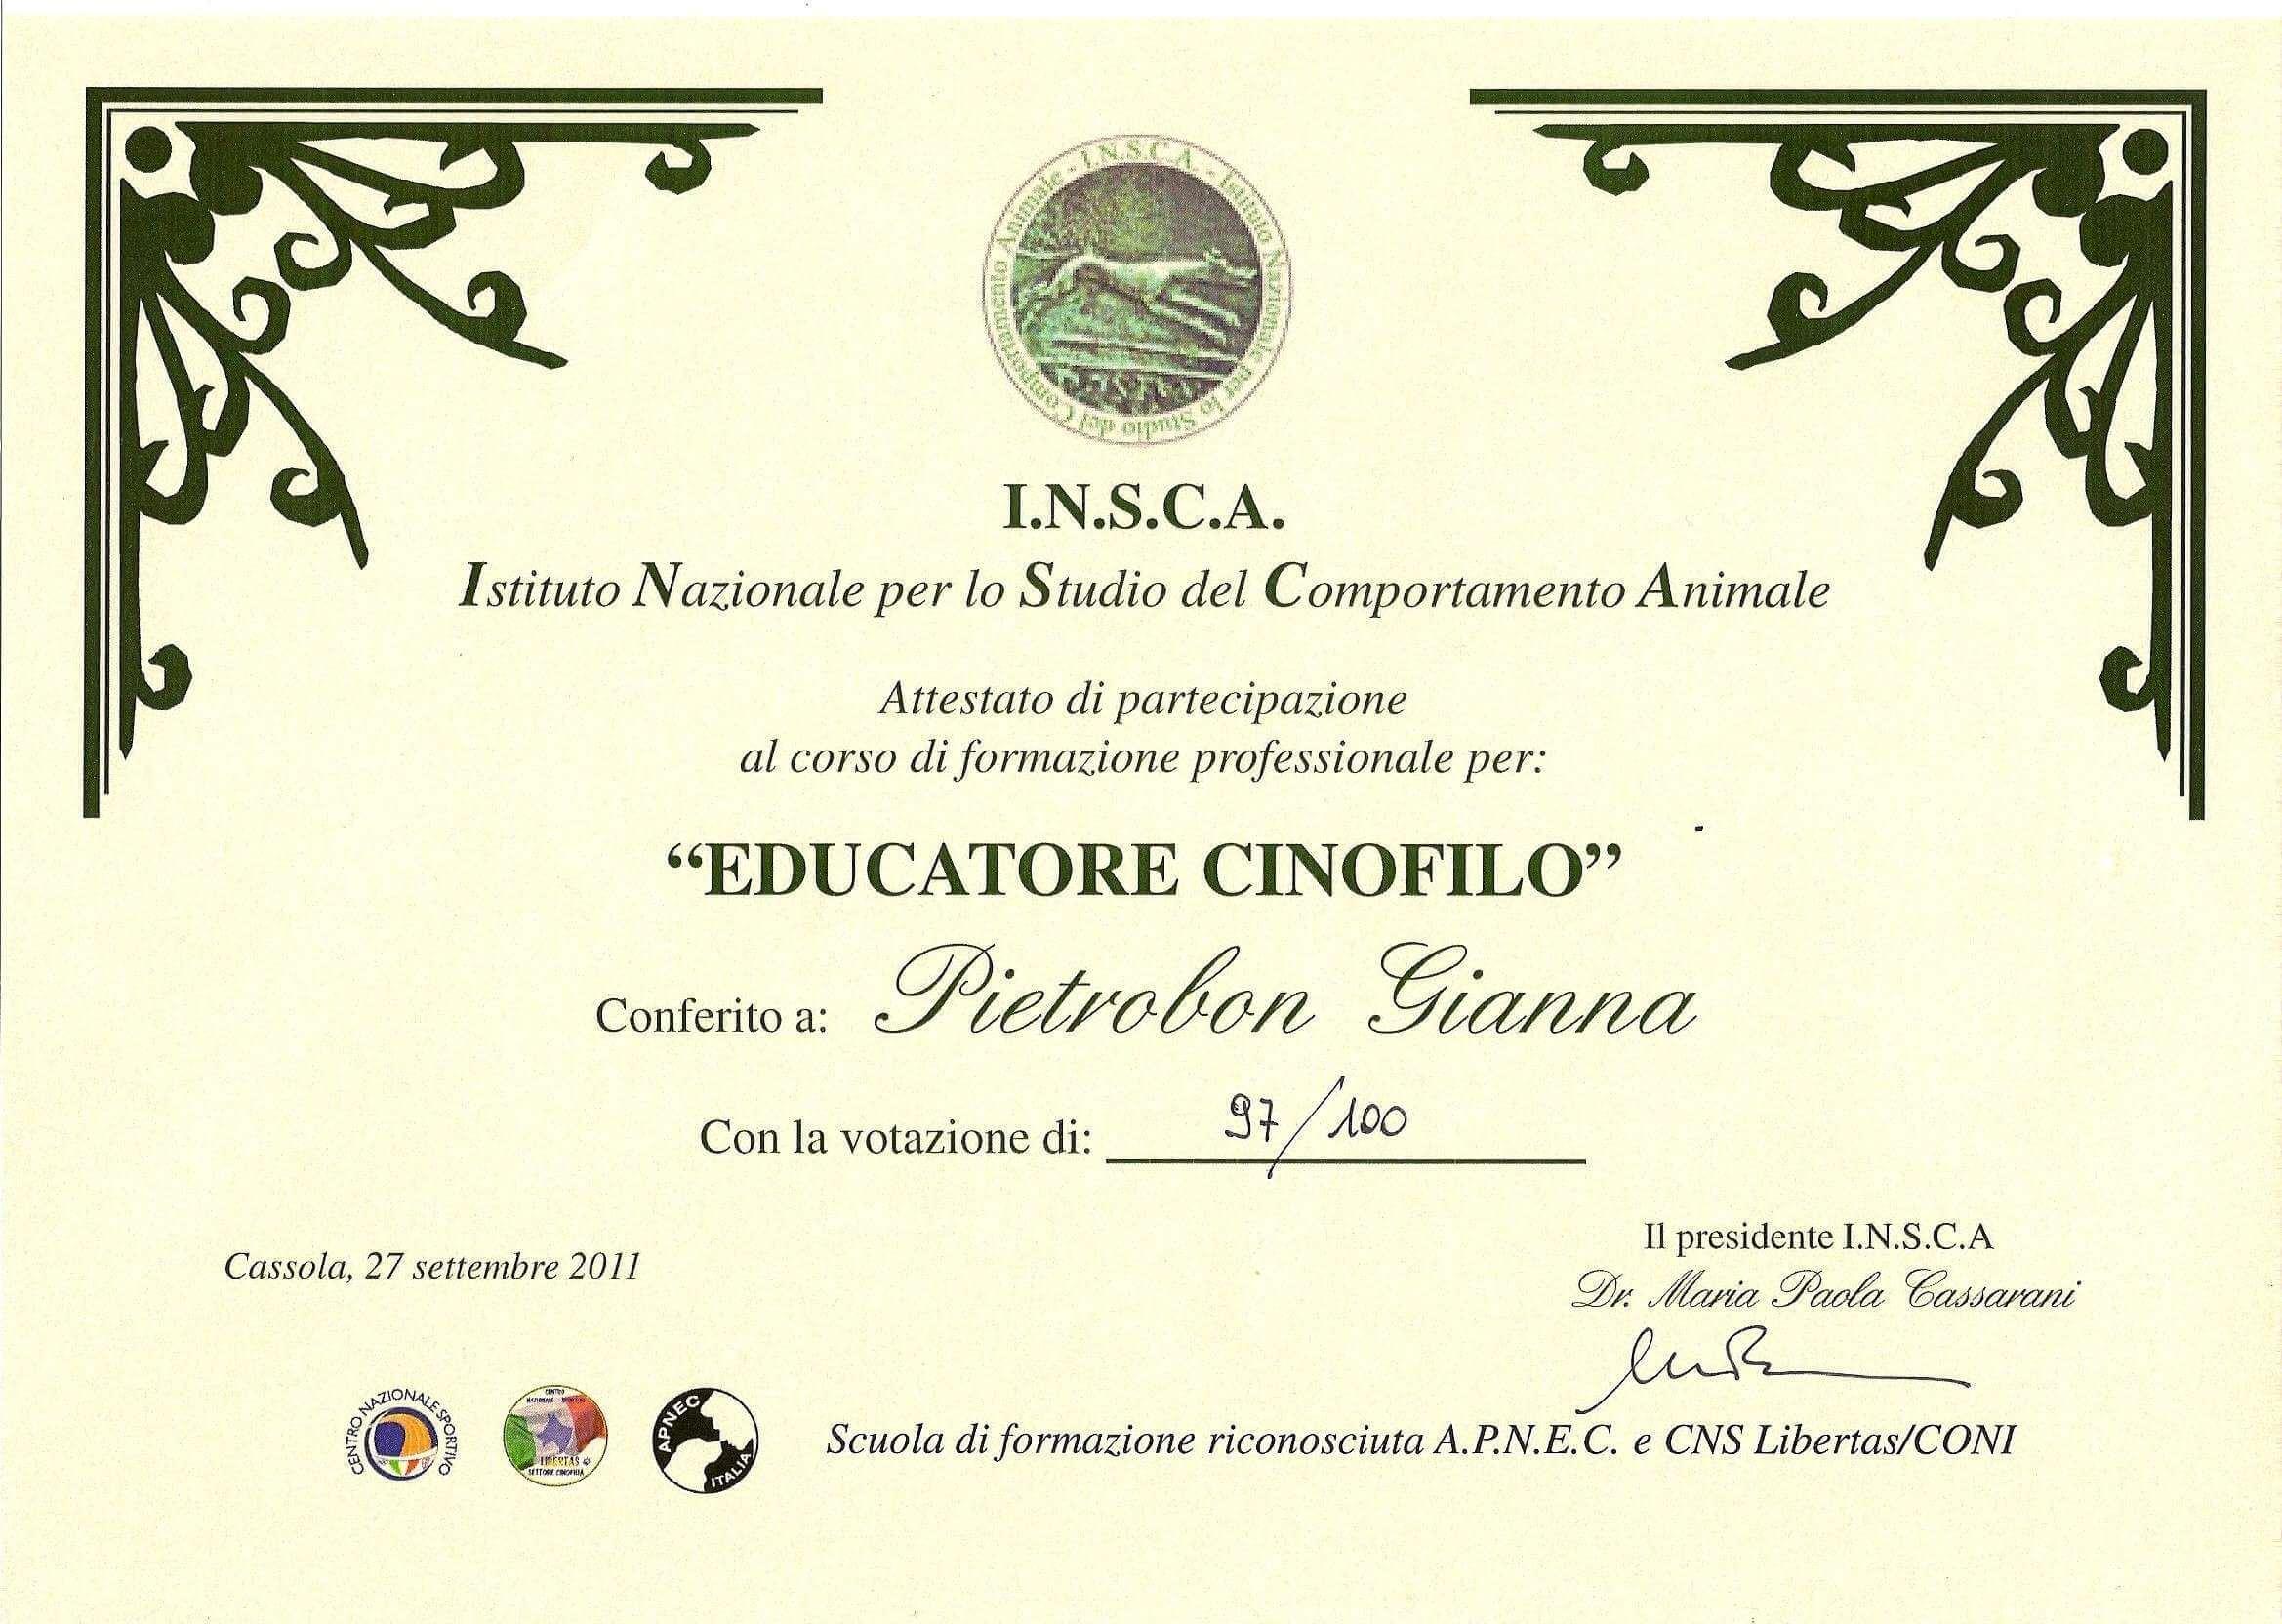 gianna-pietrobon-educatore-cinofilo-attestato-3